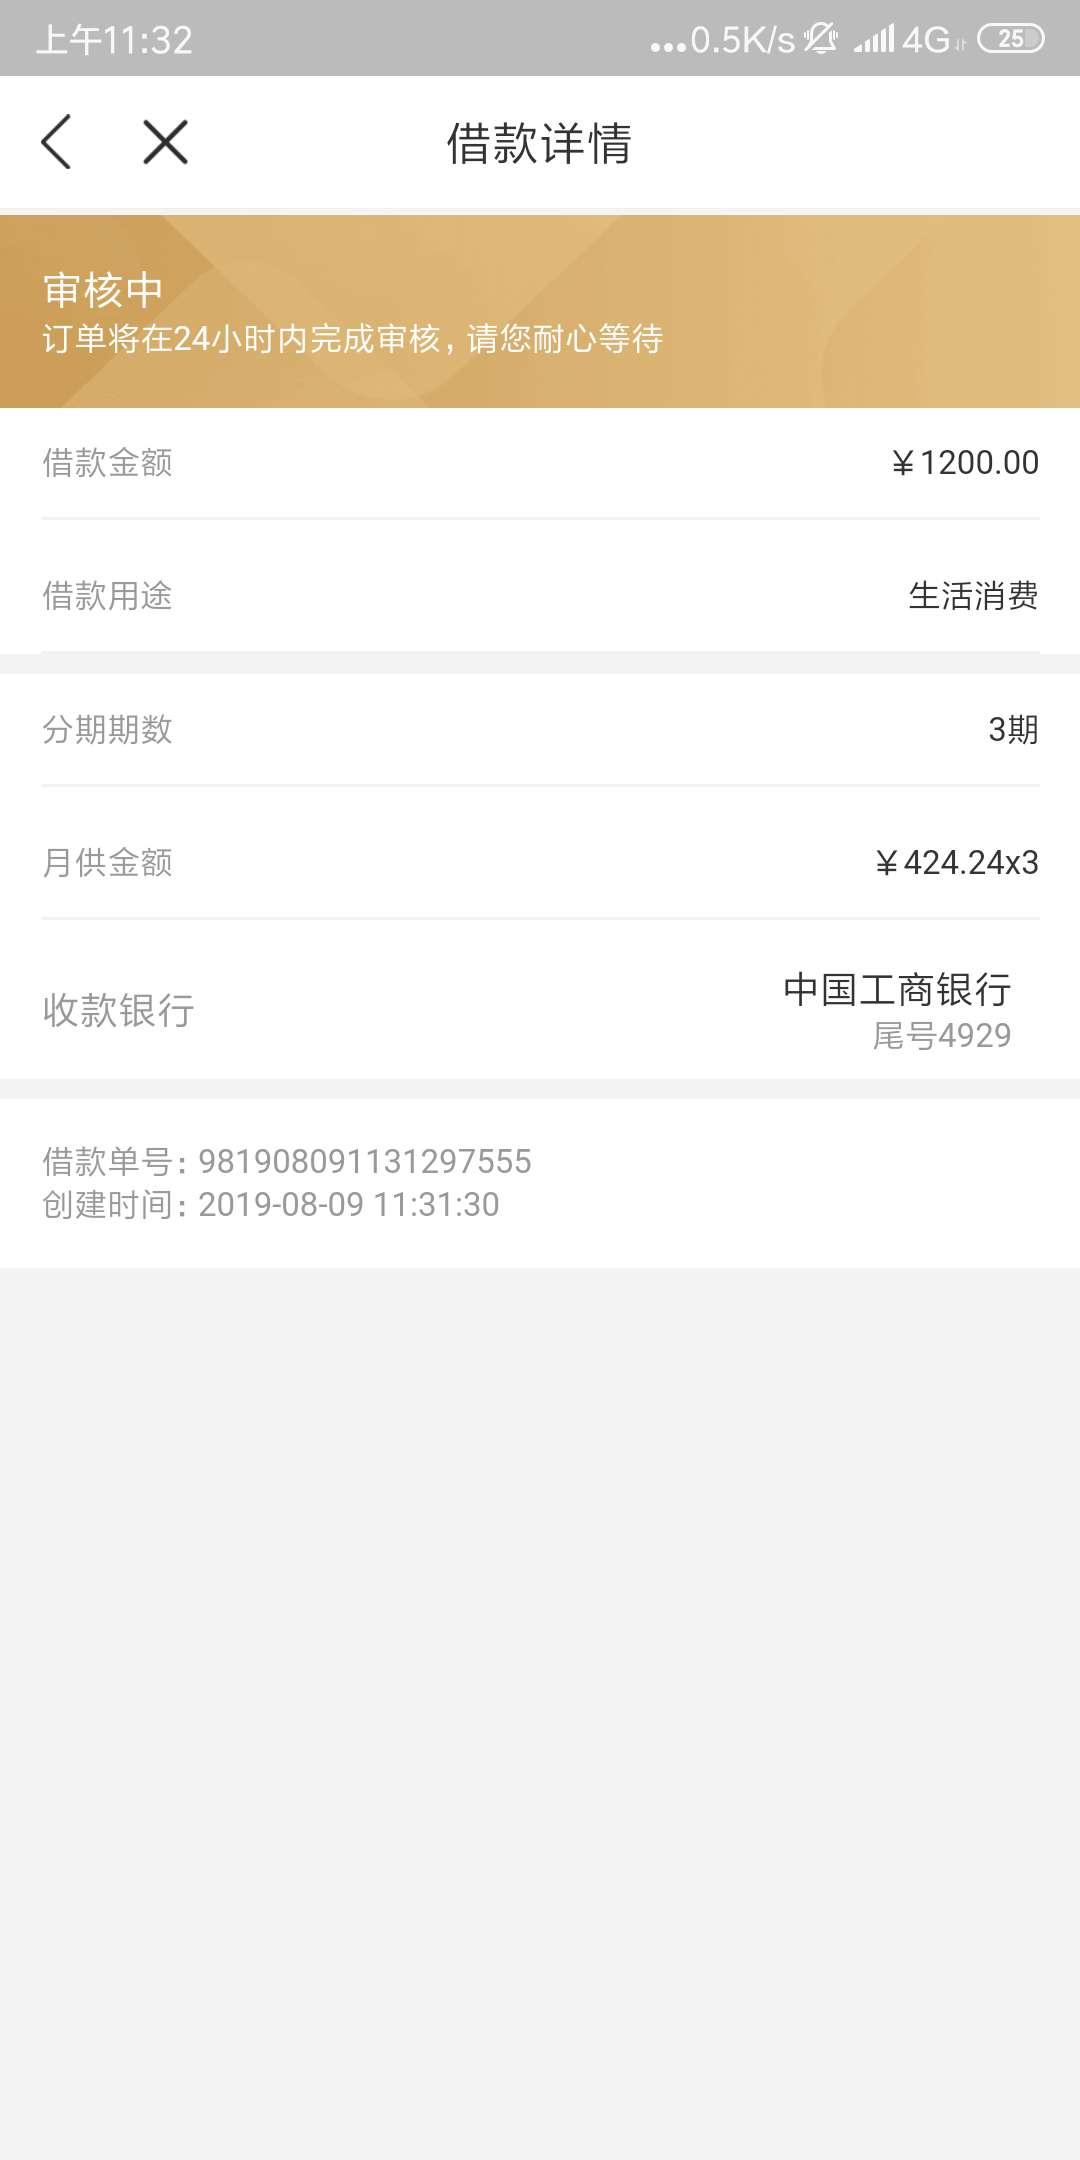 #桔子分期#新系统调整上线,均件6000元...71 / 作者:求放款 /